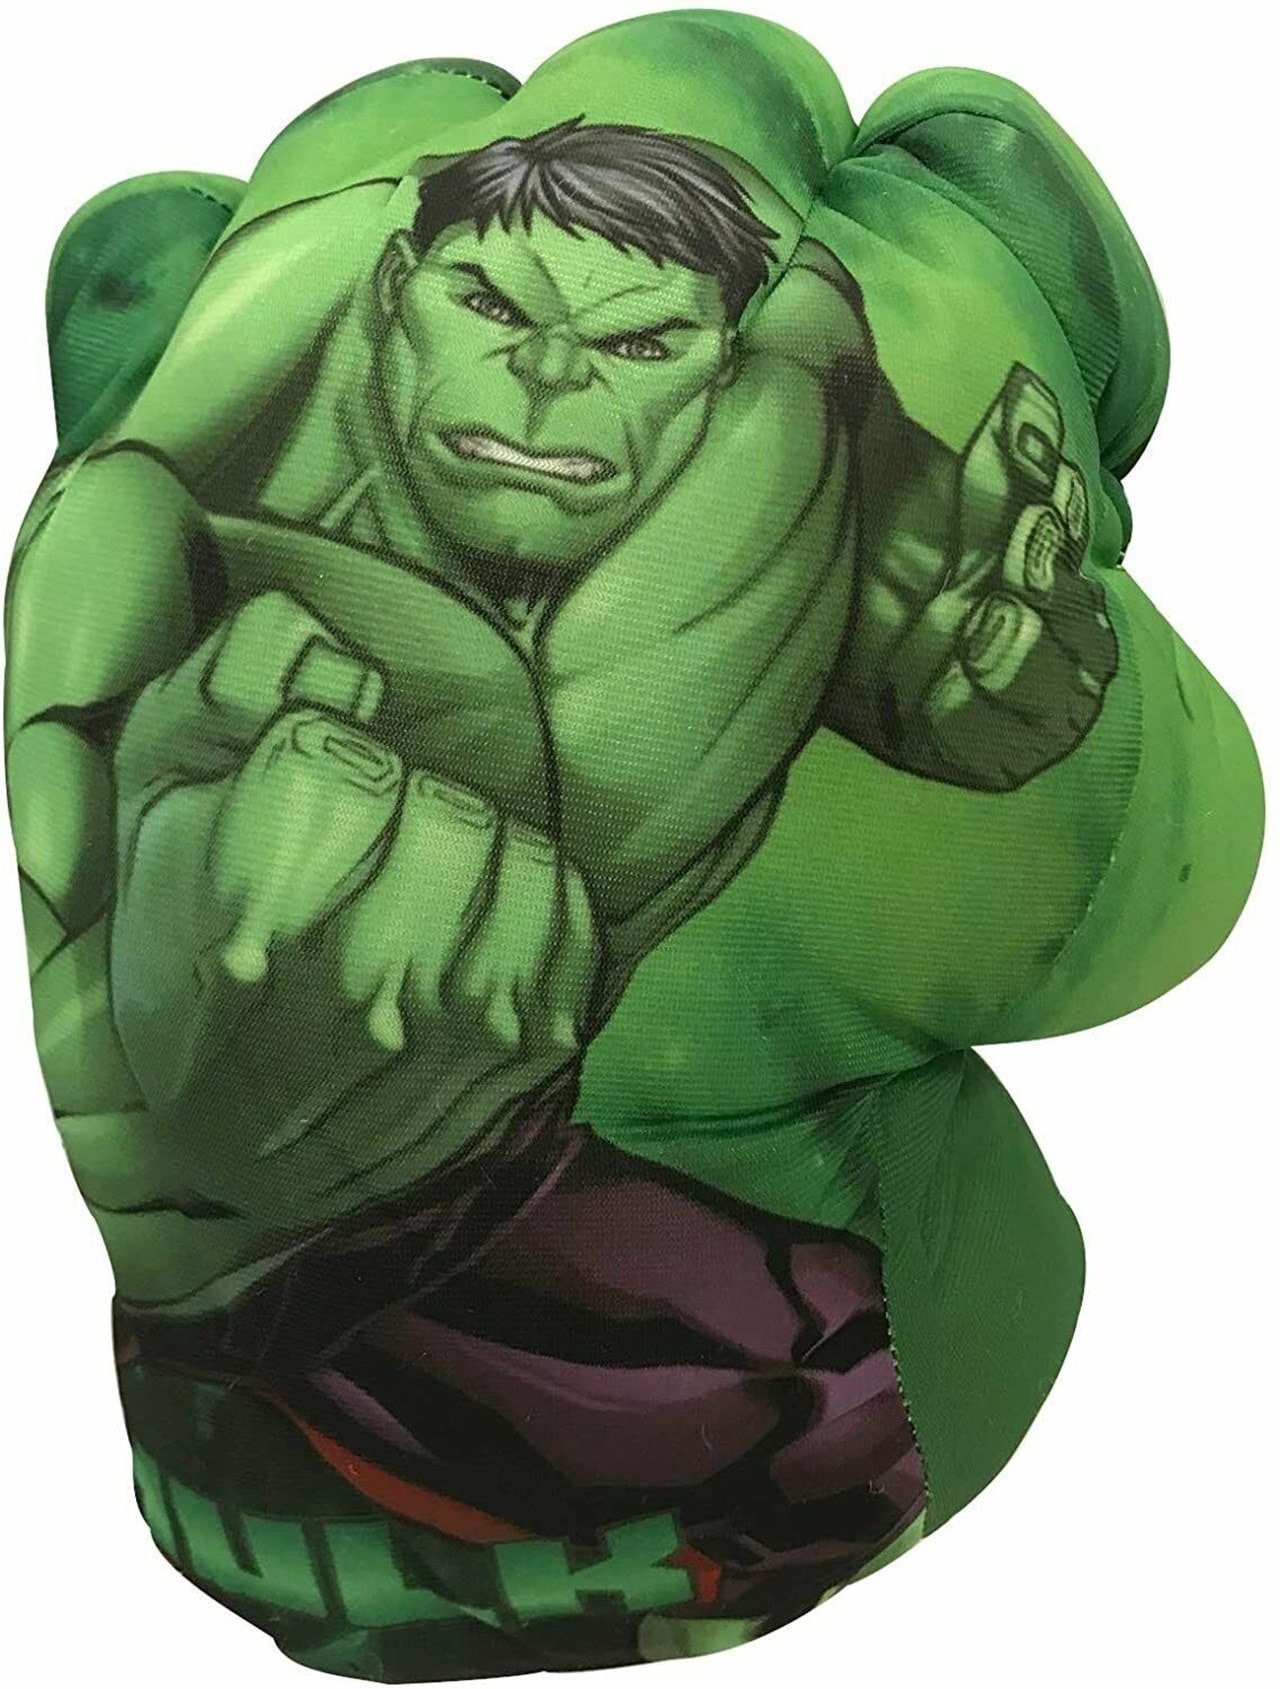 Hulk Fist Plush - 1